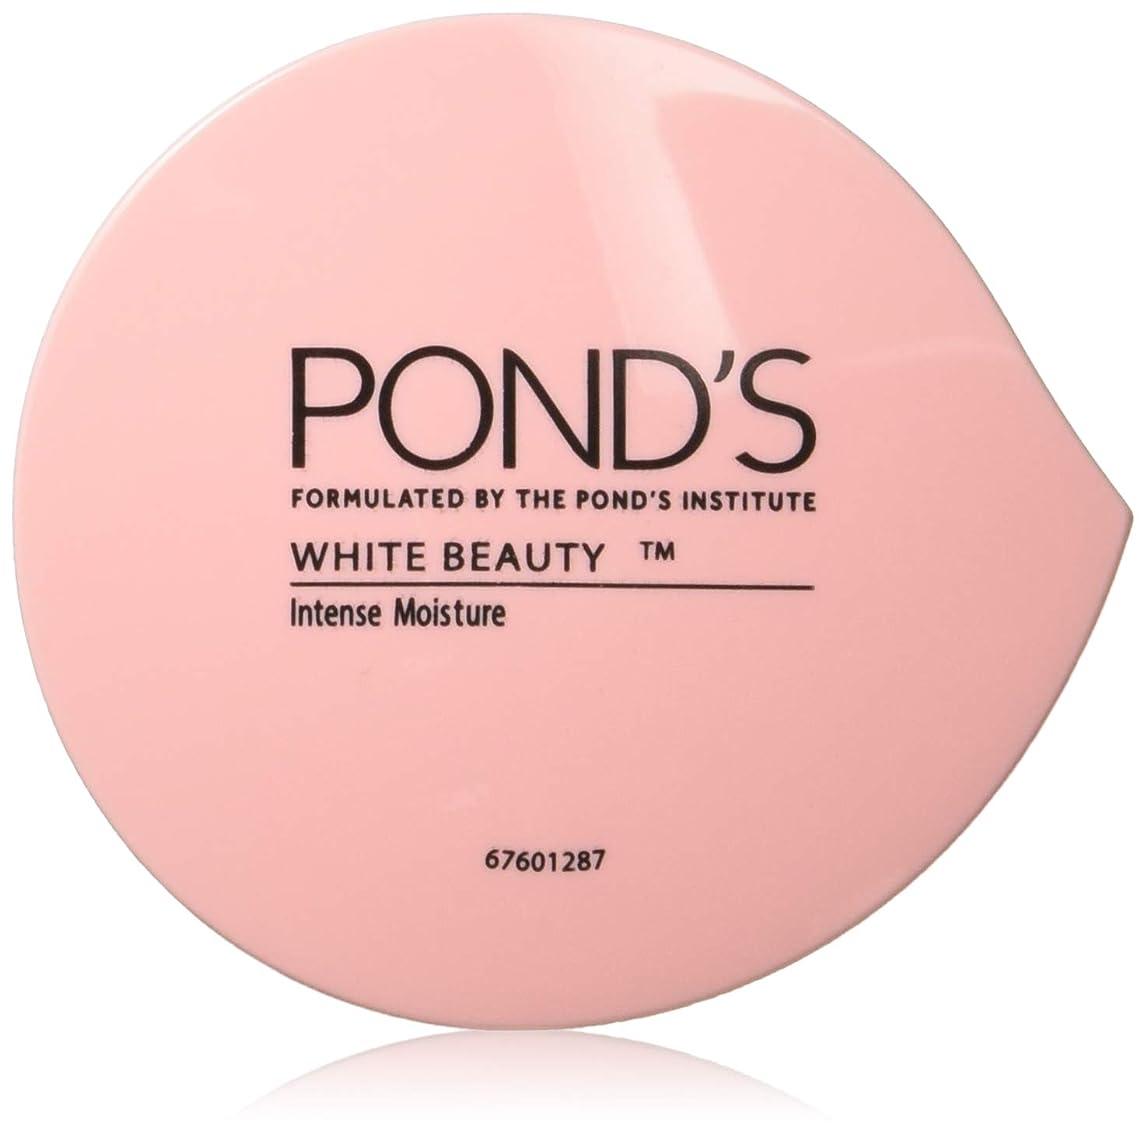 のため音節緩むPond's White Beauty Spotless Softness Day Cream, 35g